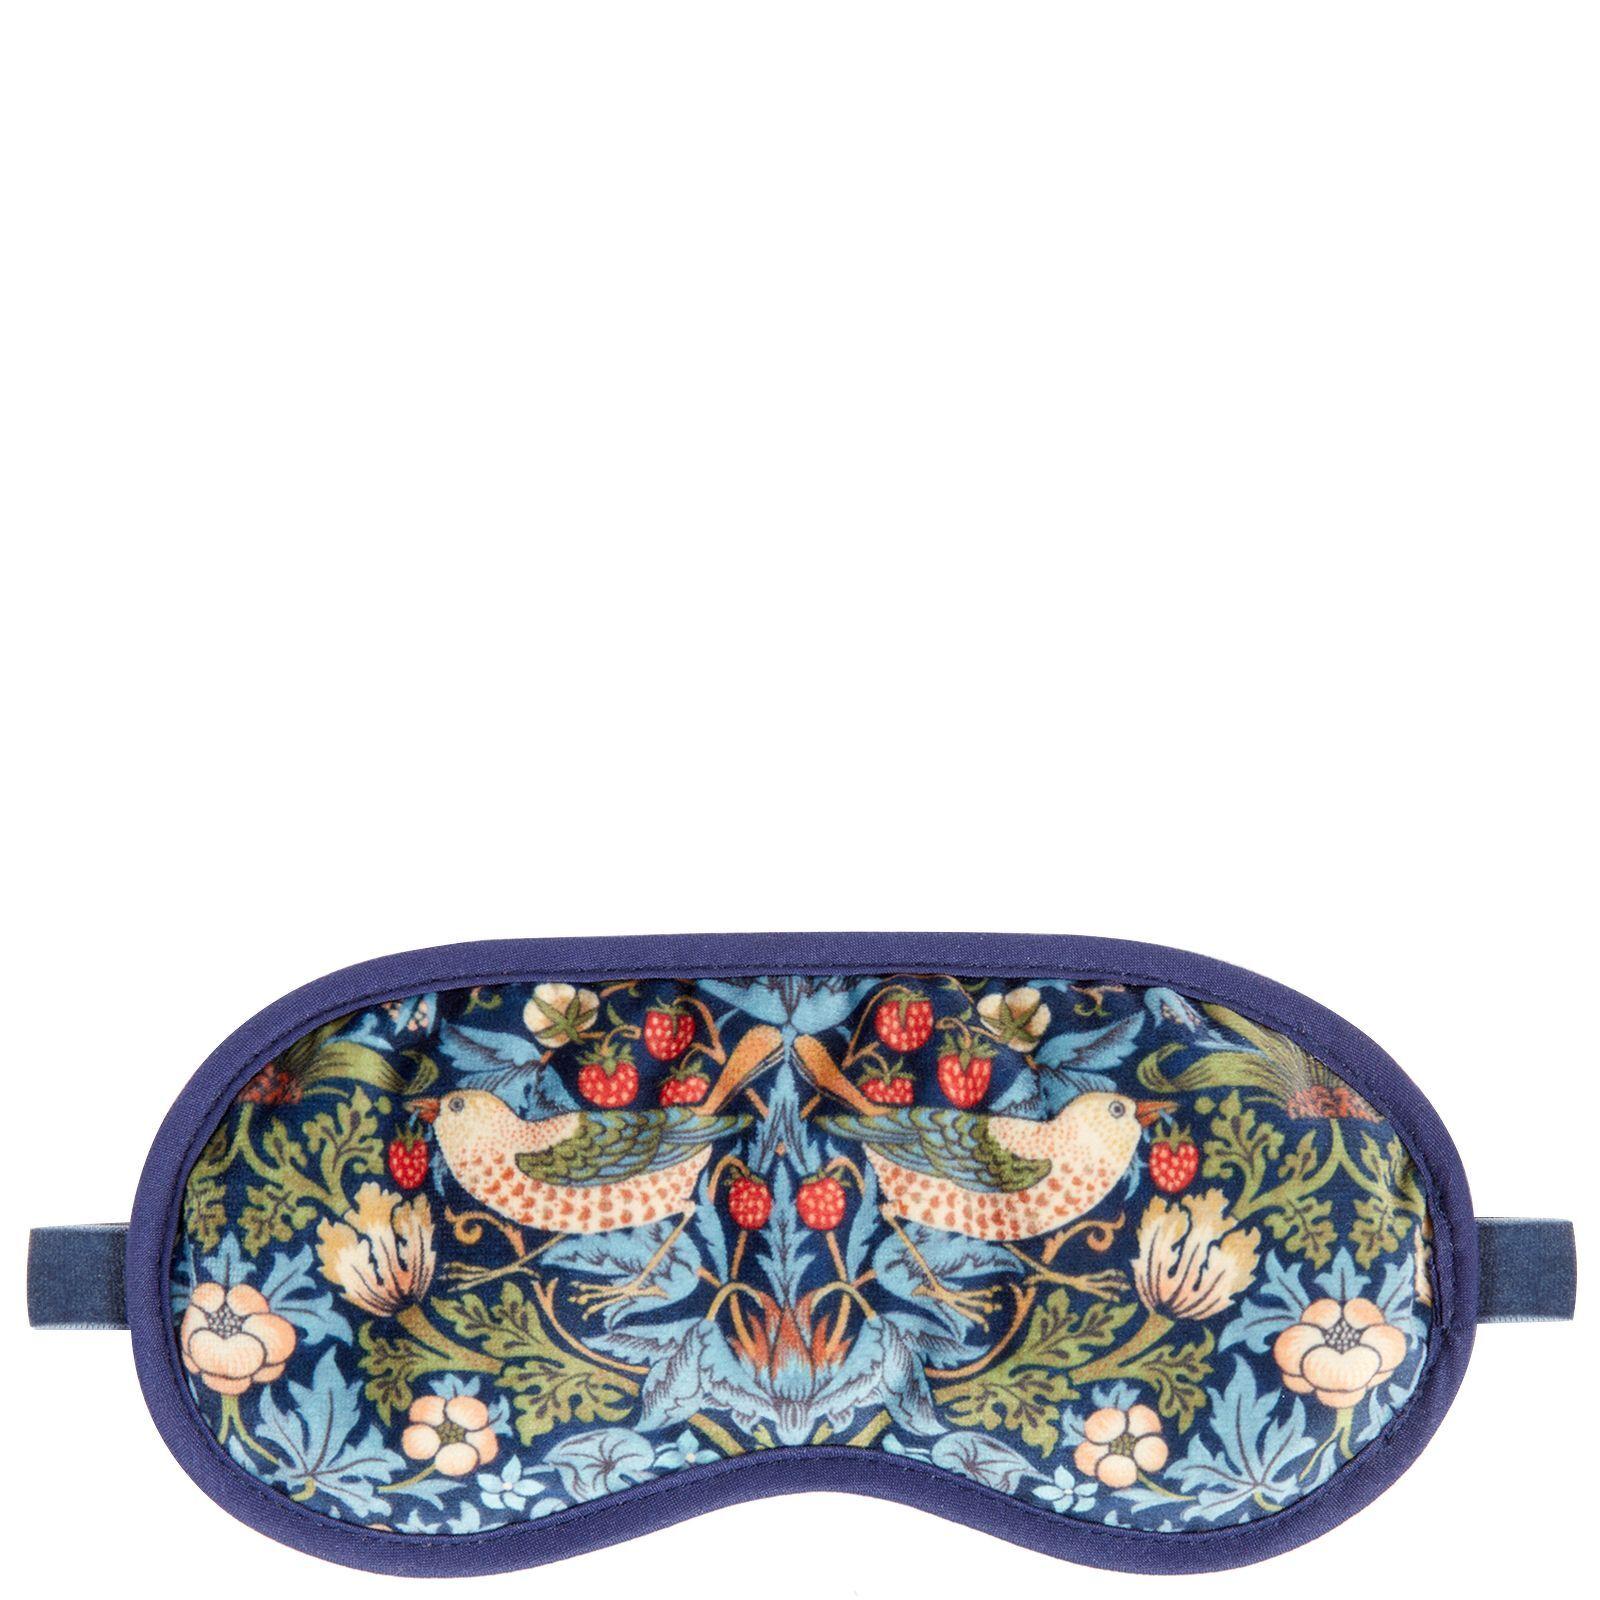 MORRIS & Co - Strawberry Thief Velvet Eye Mask for Women